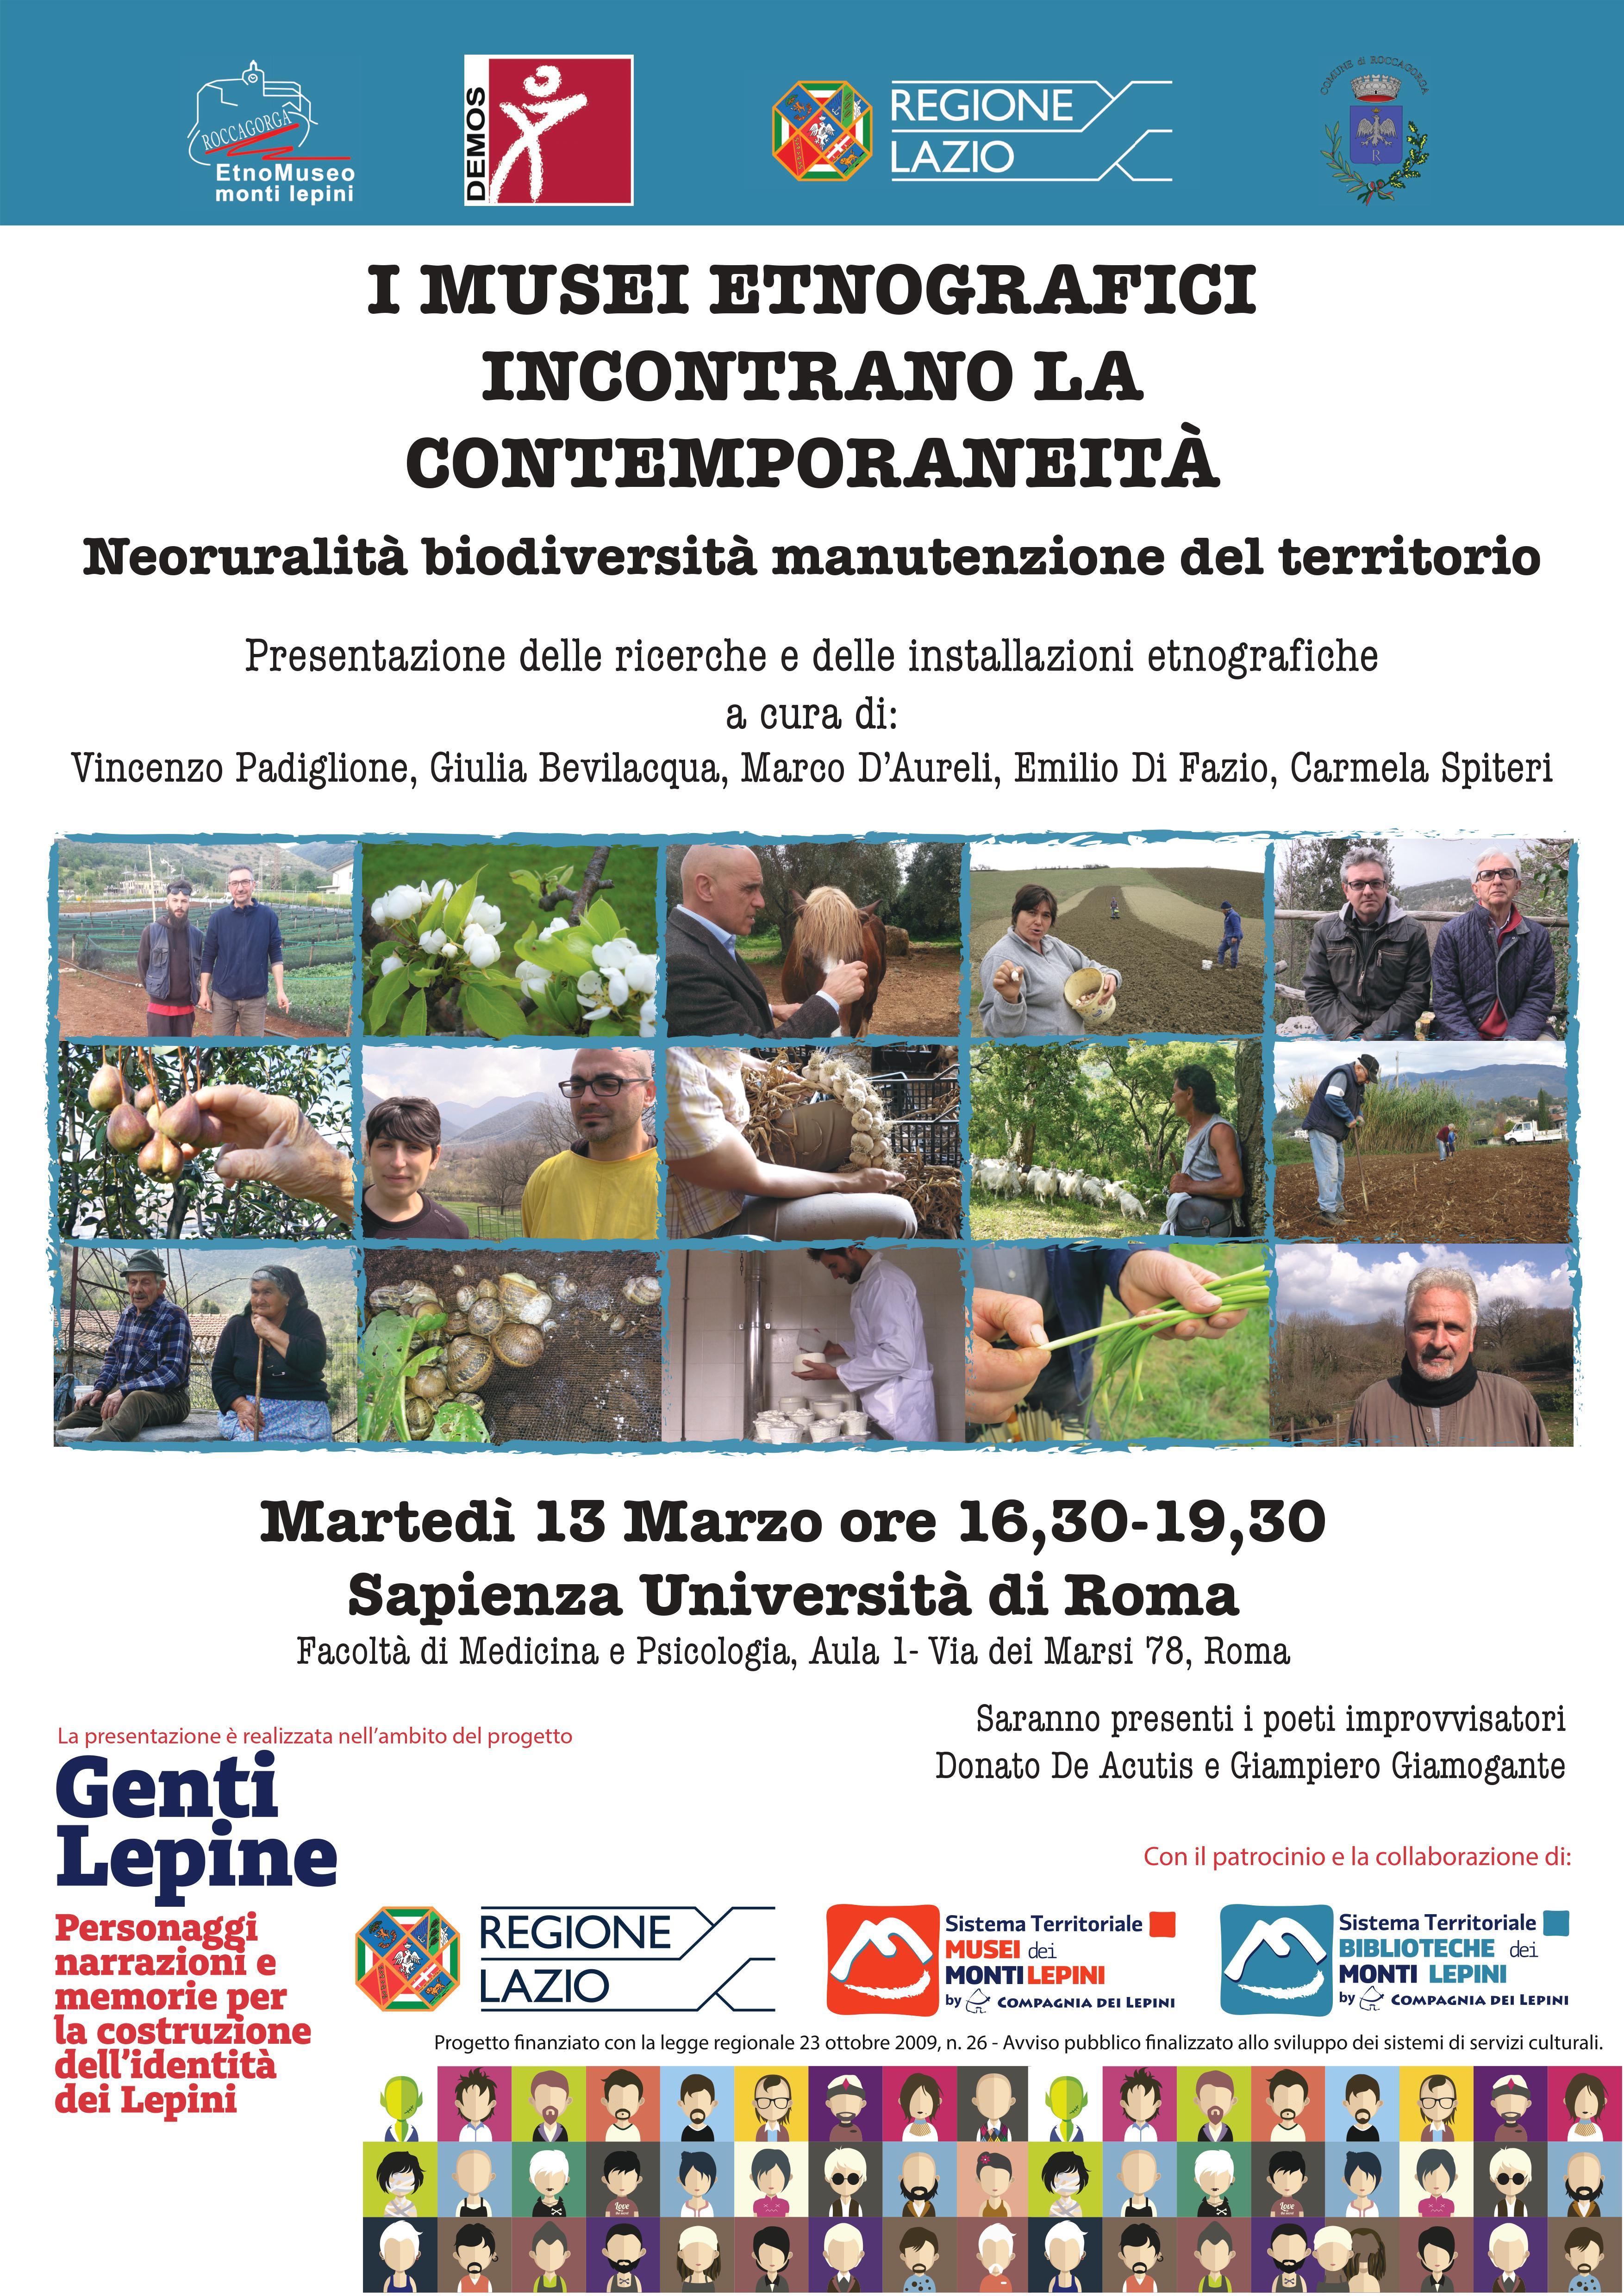 Genti Lepine: Roccagorga @ Sapienza università di Roma, facoltà di Medicina e Psicologia, Aula 1 | Roma | Lazio | Italia